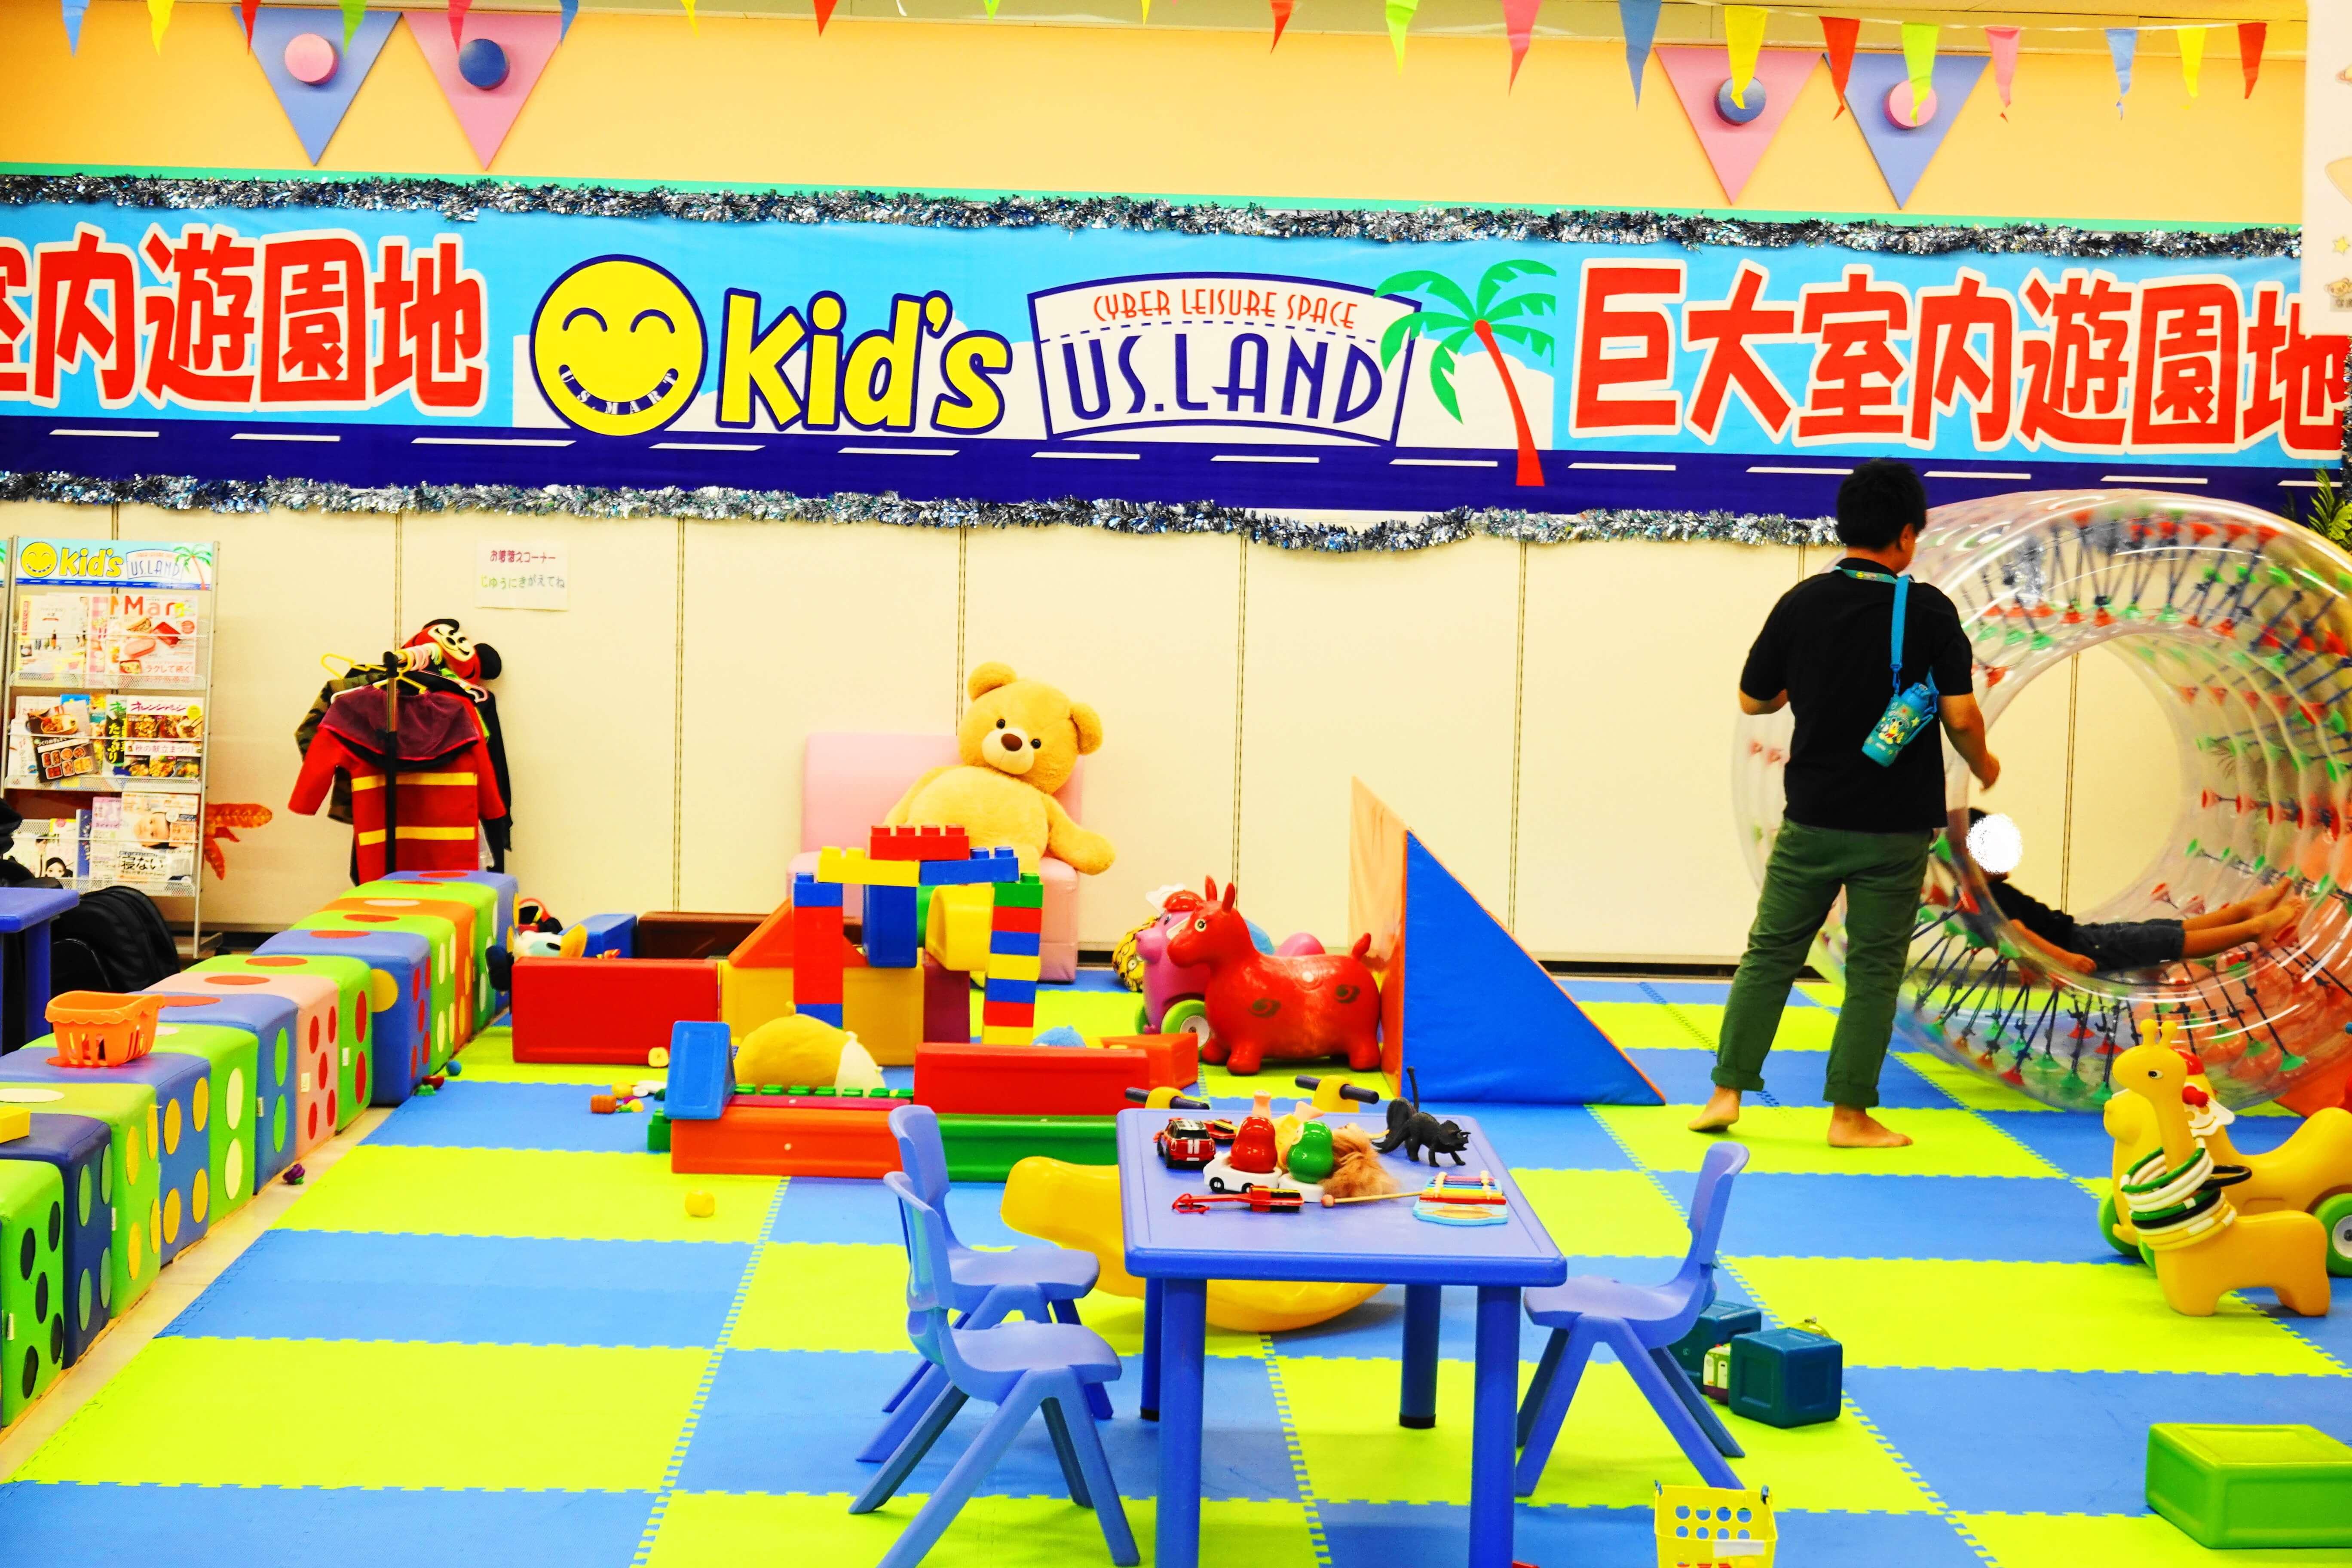 Kid's US.LAND(キッズユーエスランド)イオン松任店|白山市にある雨でも遊べる巨大室内遊園地で子どもと遊ぼう!